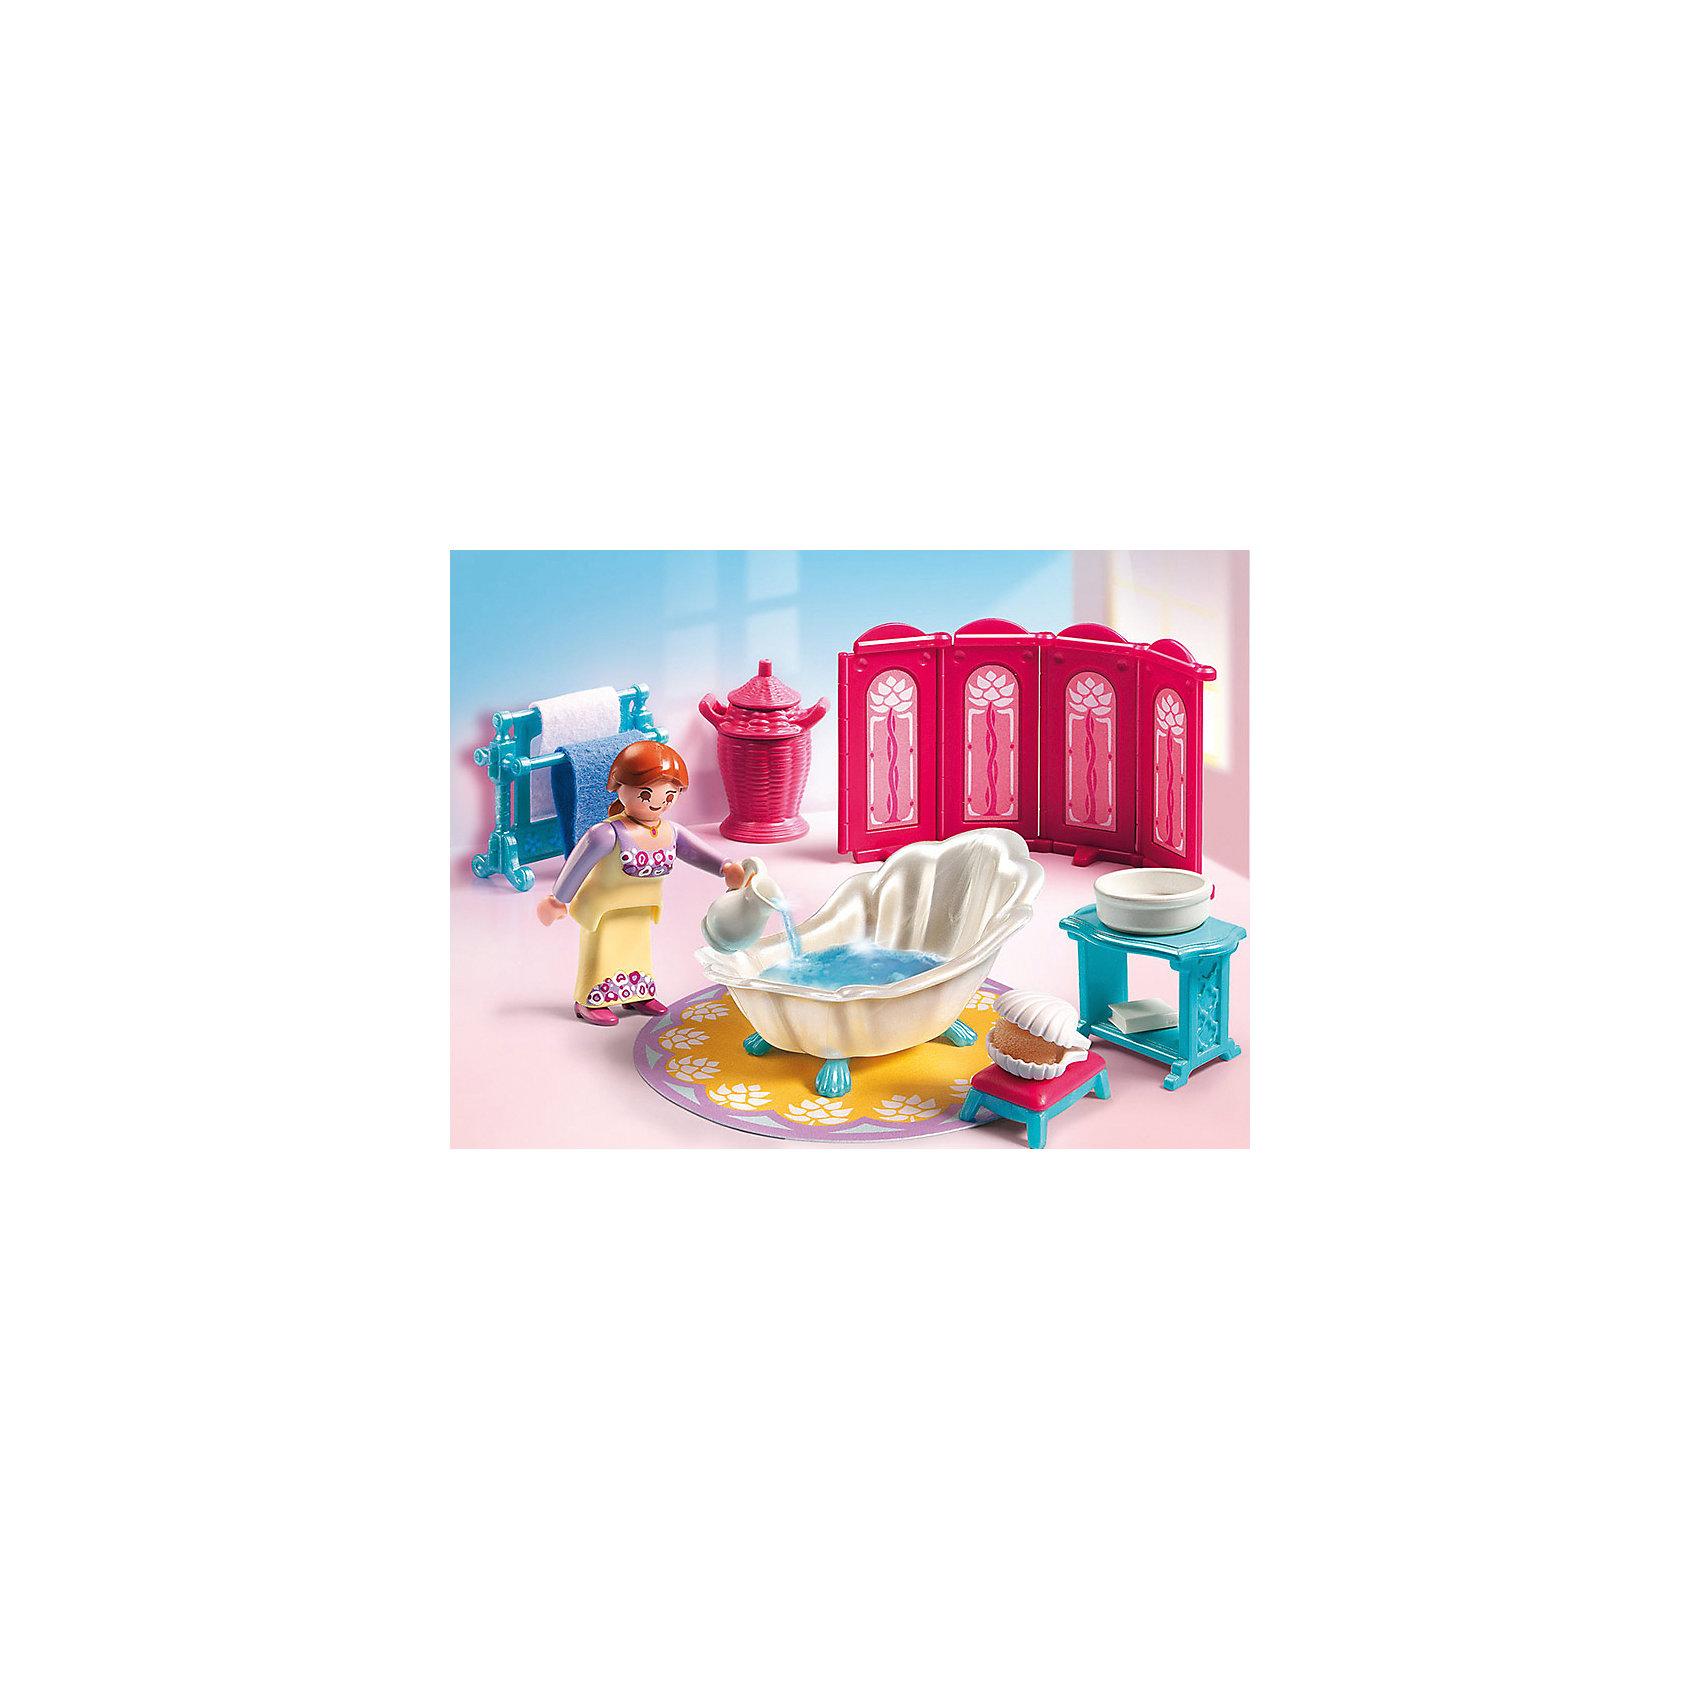 PLAYMOBIL 5147 Сказочный дворец: Королевская ванная комнатаИзвестный бренд  Playmobil дарит своим  друзьям  игровой набор с элементами конструктора Королевская ванная комната<br>Даже в ванной у королевской особы должно быть все по королевские!<br><br>В наборе:<br>- ванна в форме ракушки, коврик, фигурка девушки, ширма, два полотенца, корзина, пуфик, кувшин, тазик, мыло, мыльница, вешалка, столик.<br><br>Ширина мм: 200<br>Глубина мм: 150<br>Высота мм: 80<br>Вес г: 150<br>Возраст от месяцев: 48<br>Возраст до месяцев: 120<br>Пол: Женский<br>Возраст: Детский<br>SKU: 4435307